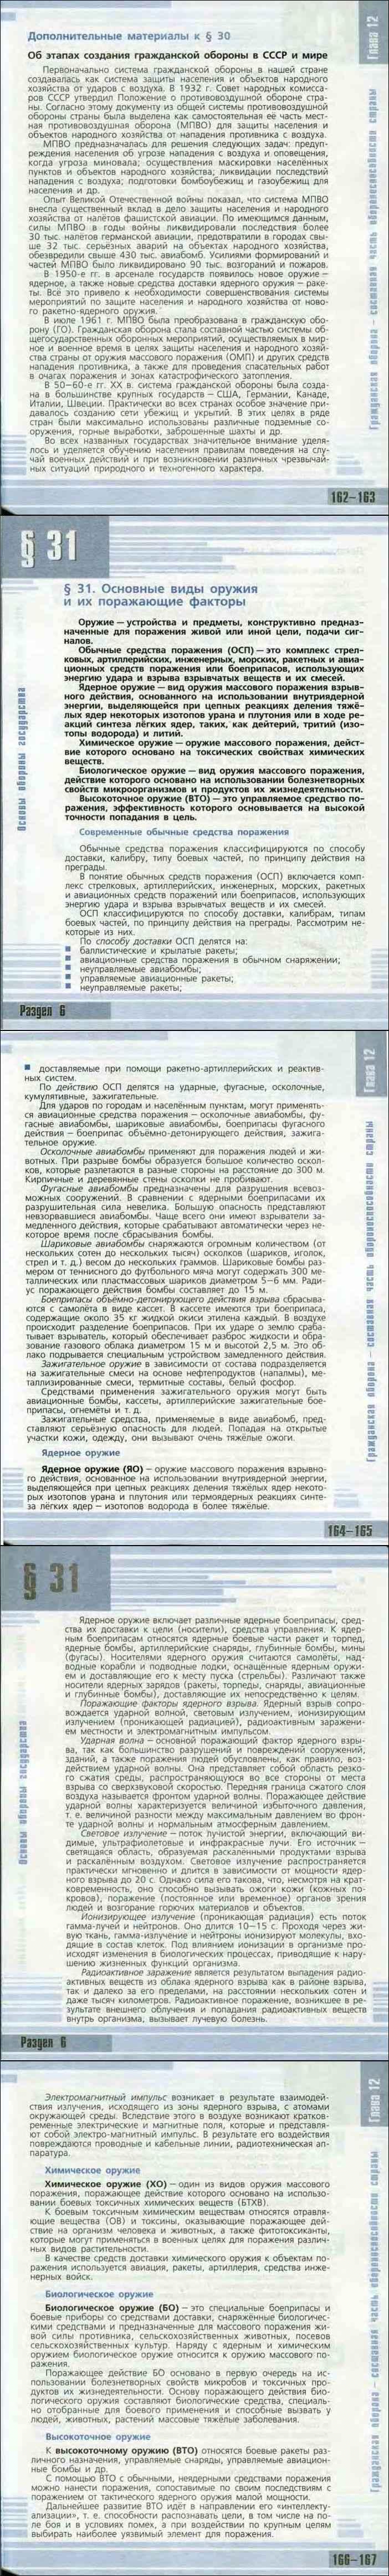 приказ министра обороны о пользовании мобильными телефонами